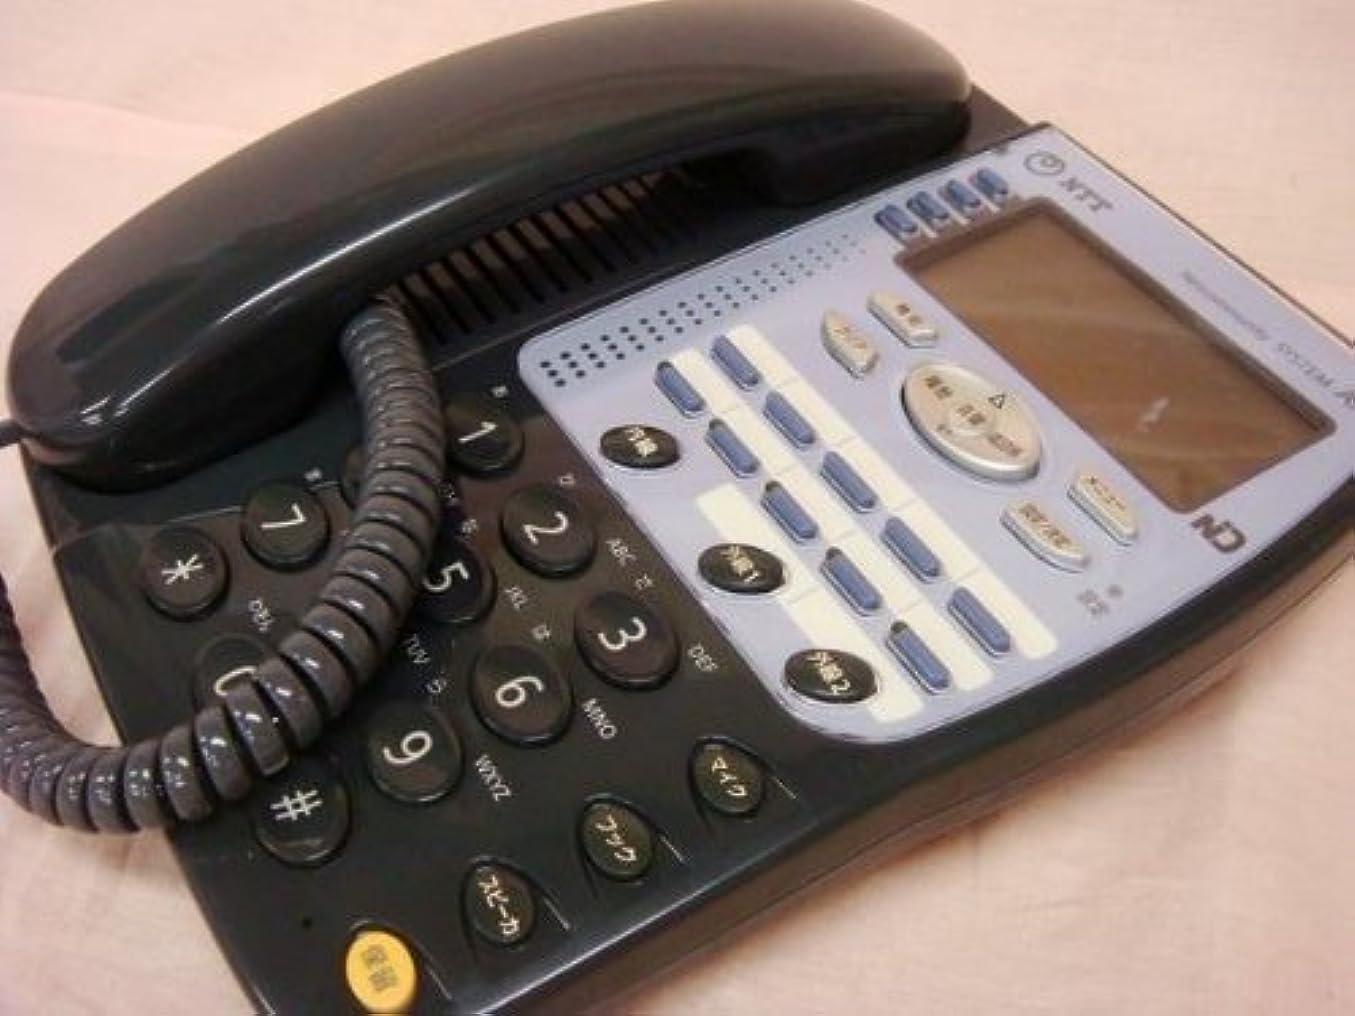 グリースヒール写真AX-BTEL(1)(K) NTT AX 標準電話機 [オフィス用品] ビジネスフォン [オフィス用品] [オフィス用品] [オフィス用品]